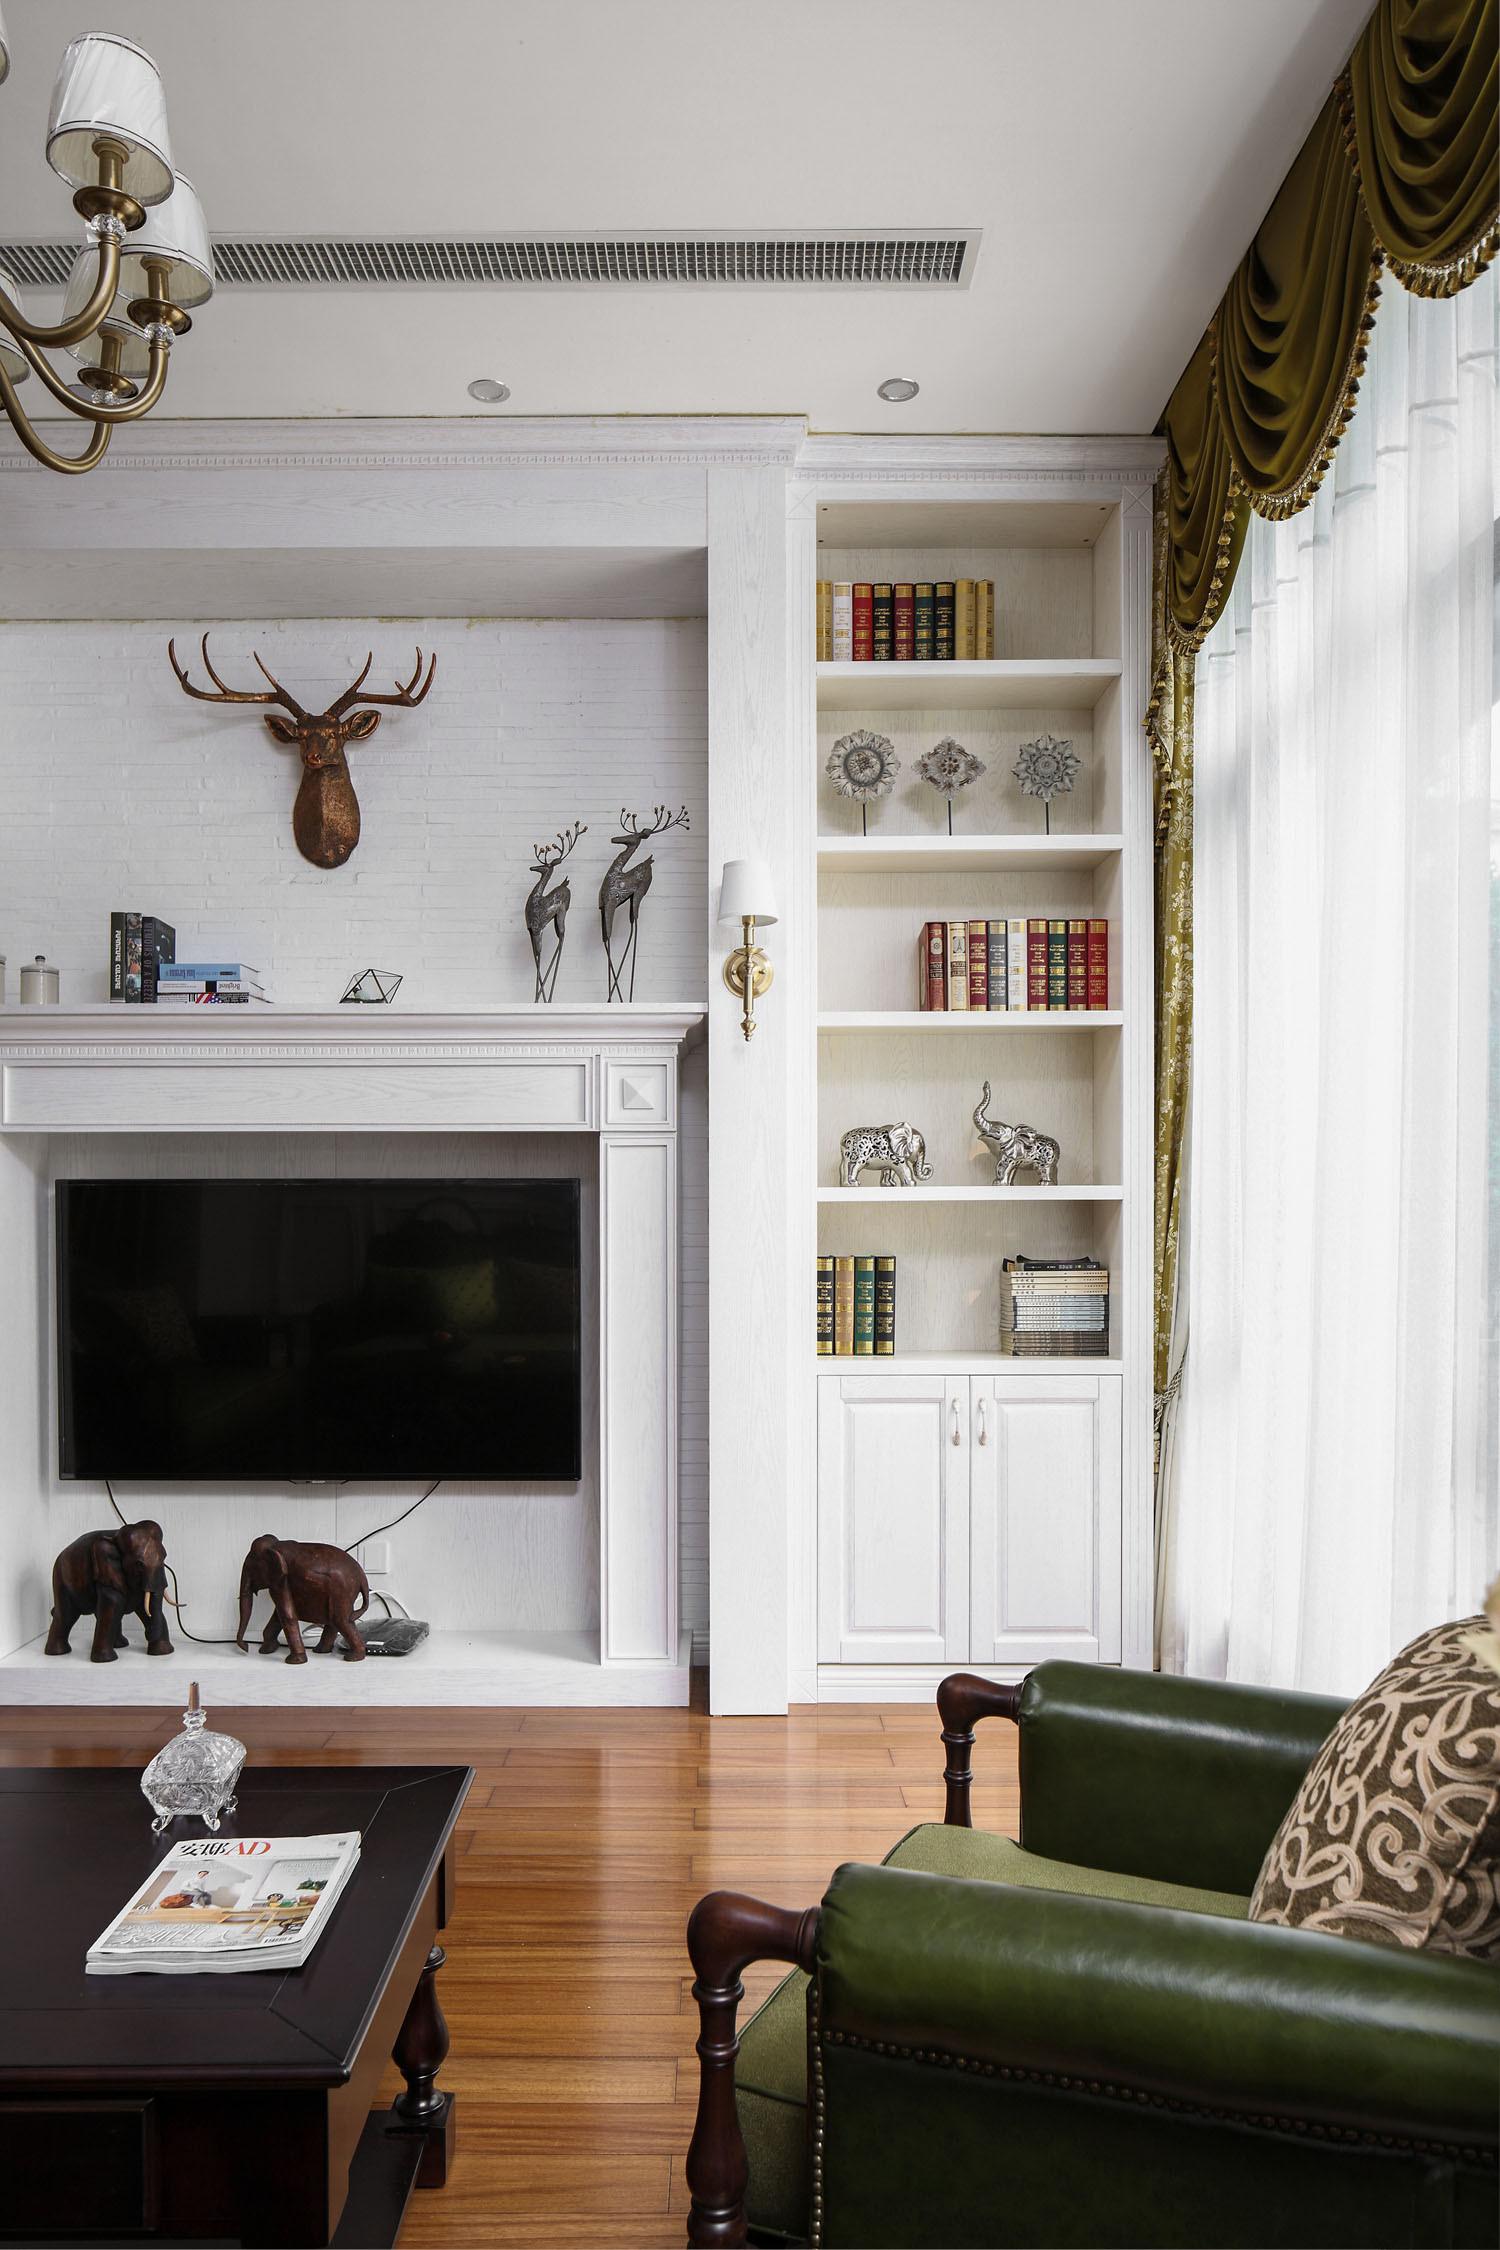 美式风格别墅装修造型壁炉设计